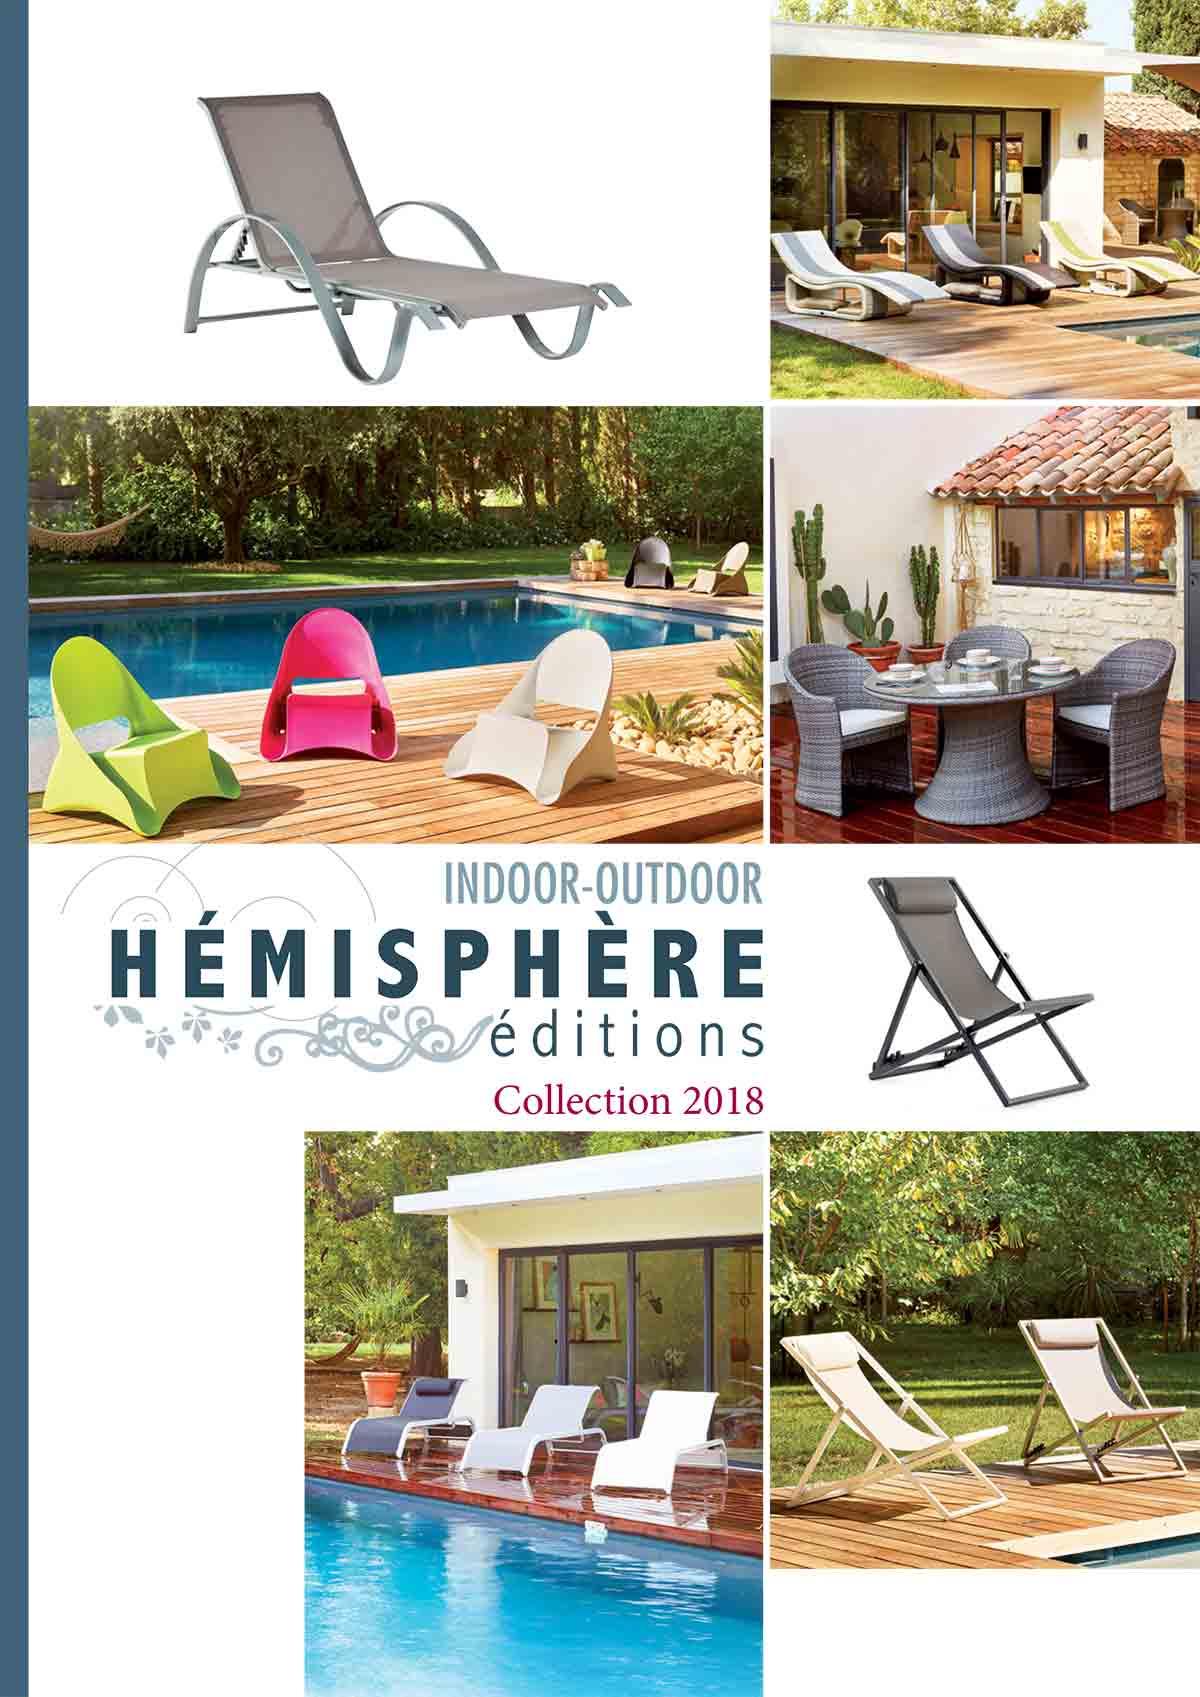 Catalogue design 2018